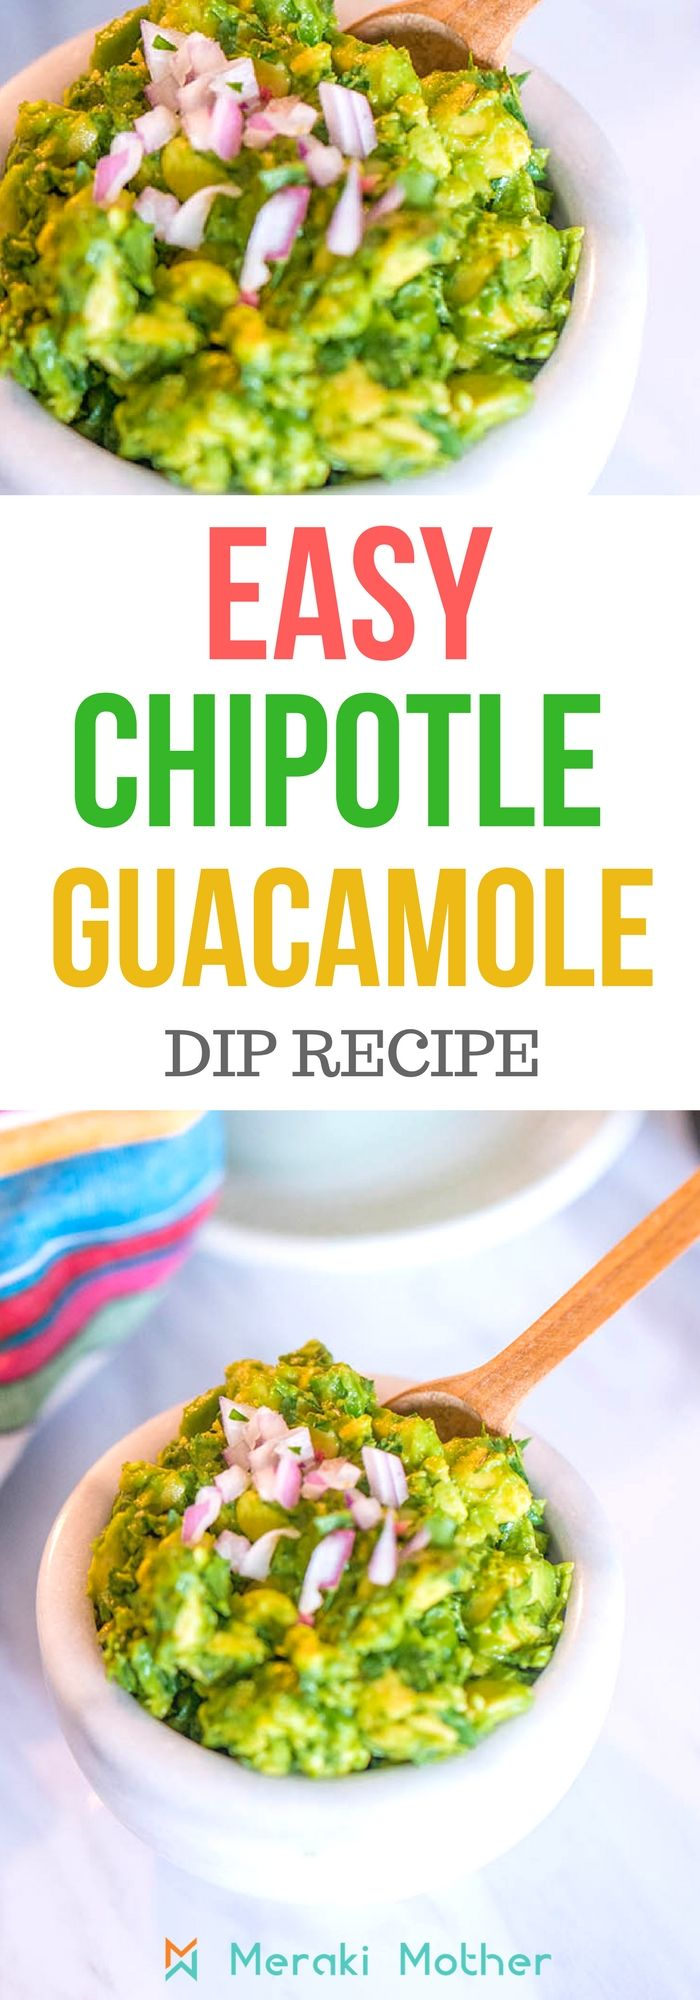 Small Of Chipotle Guac Recipe